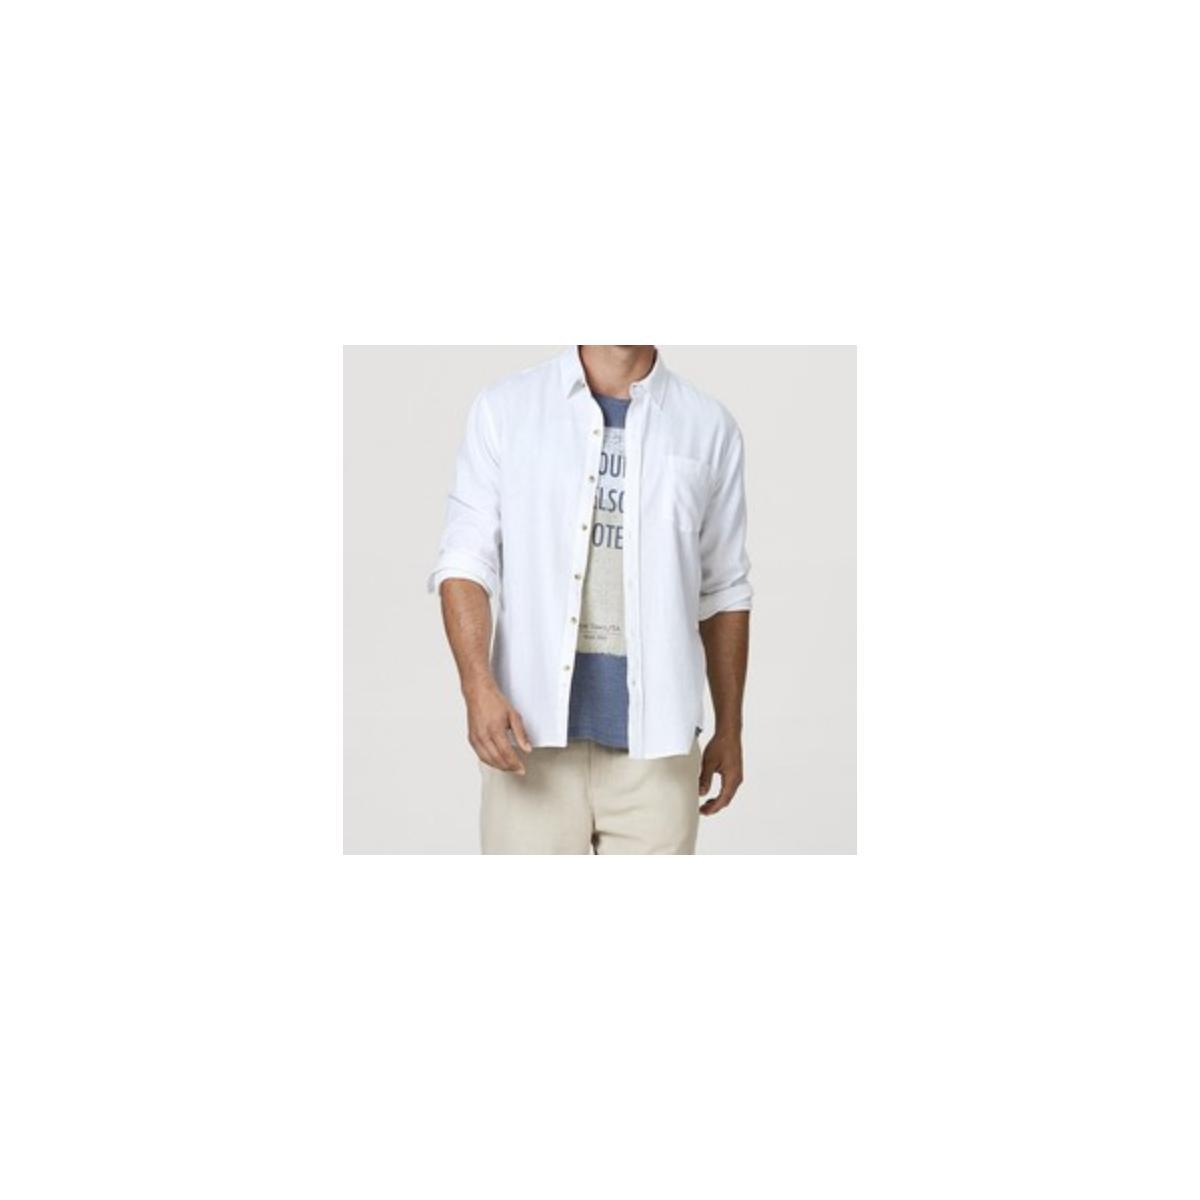 Camisa Masculina Hering K48f N0asi Off White